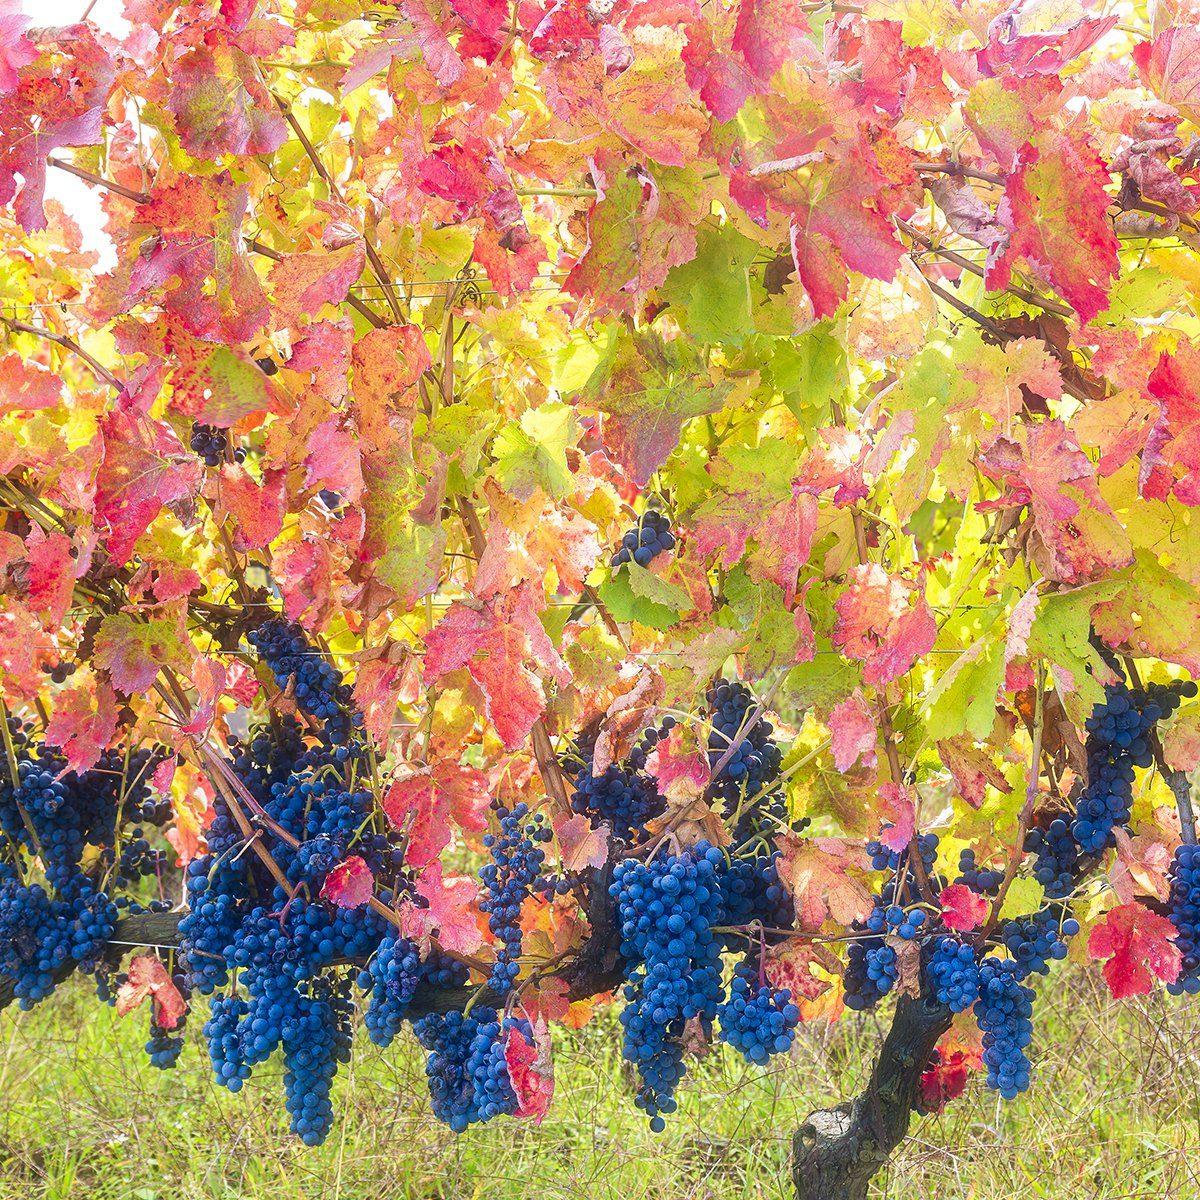 Aglianico del Vulture grapes mature late autumn giving warm fantastic colors